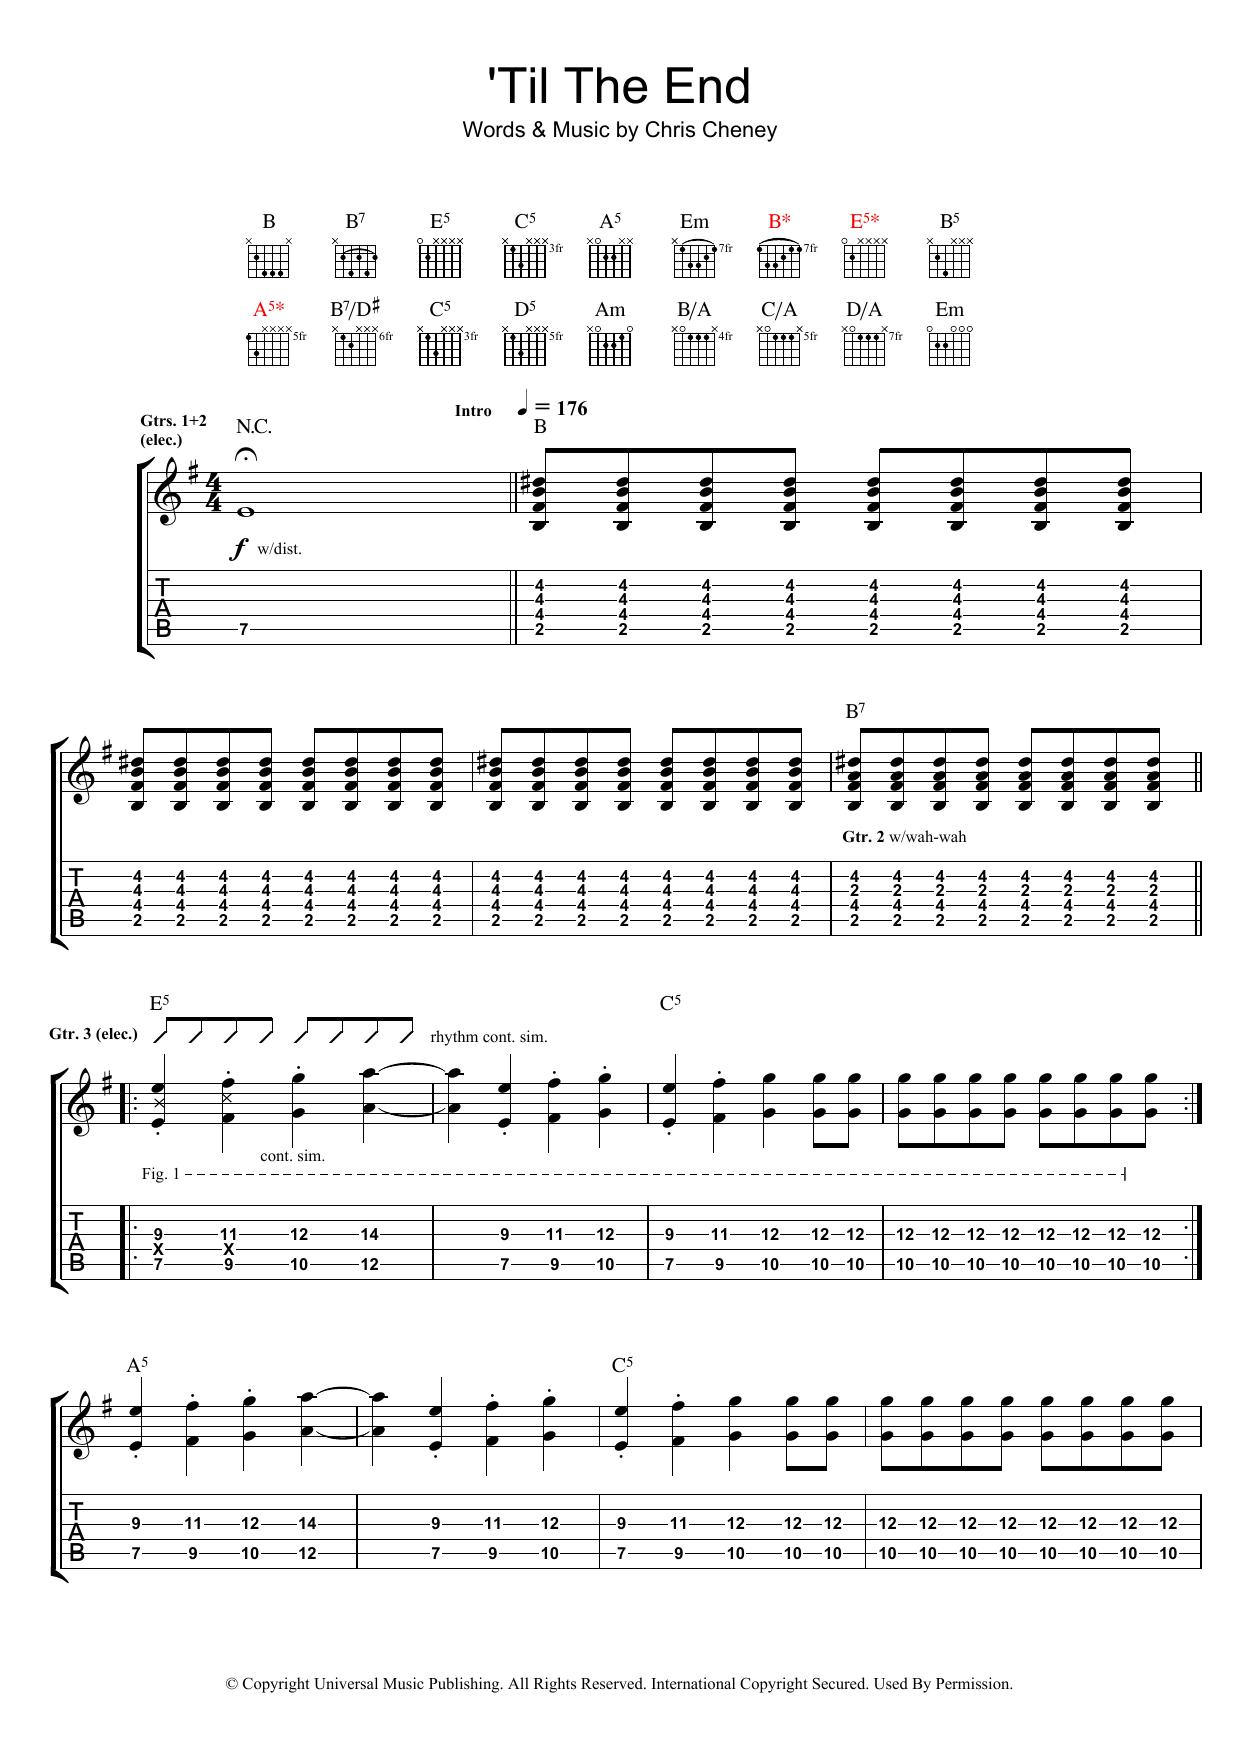 'Til The End (Guitar Tab)